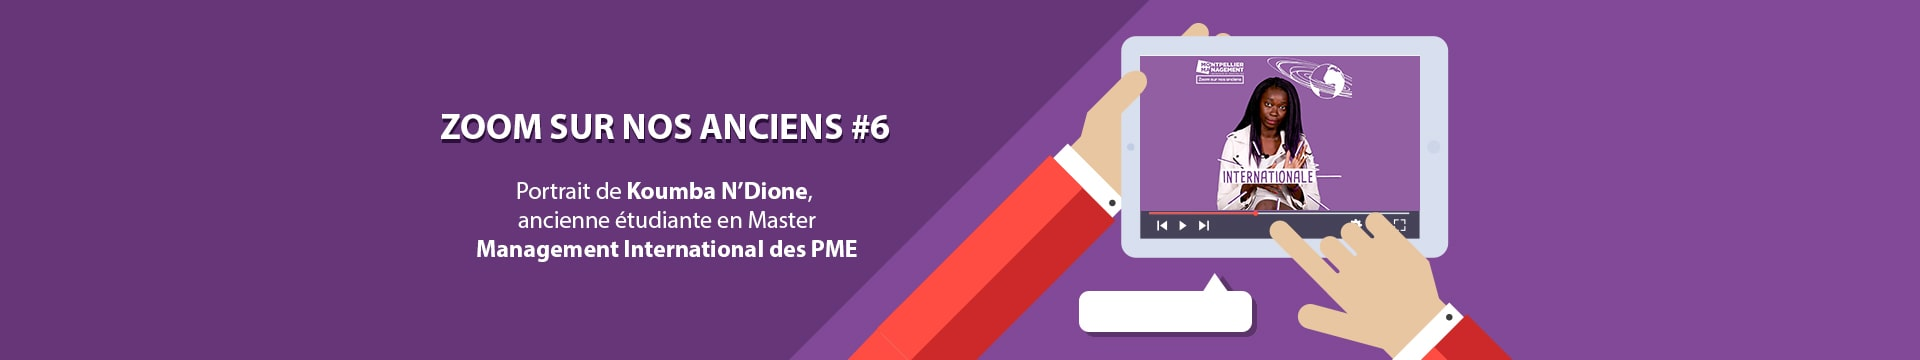 Zoom sur nos anciens - Koumba N'Dione Pôle Entrepreneuriat et PME - Montpellier Management